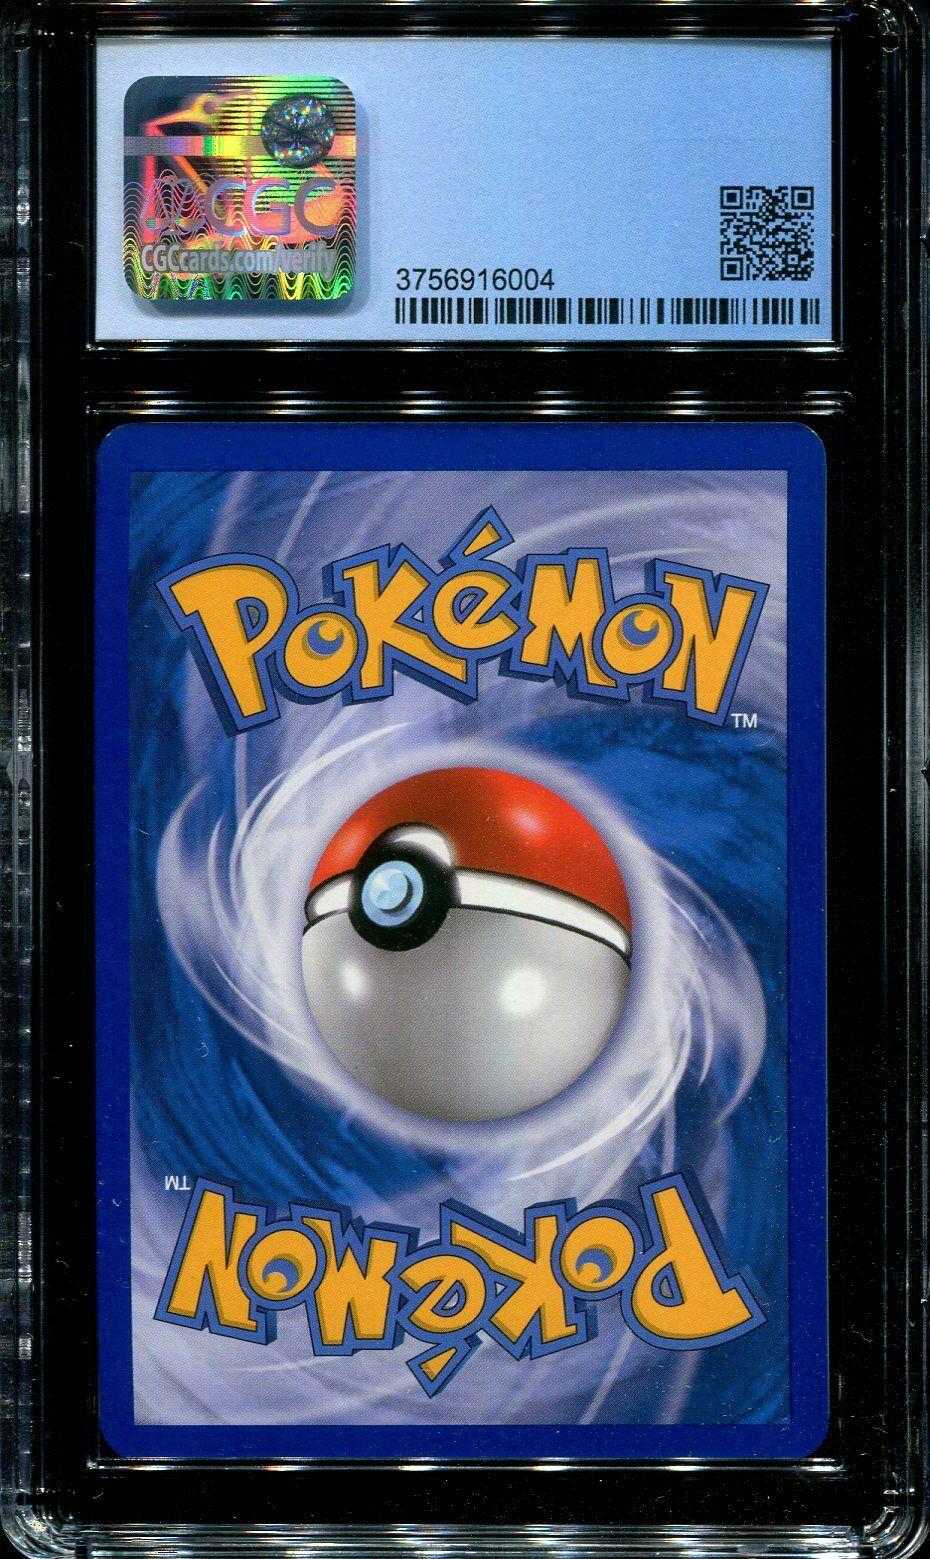 Absol Prime CGC 9 Mint HGSS Triumphant 91/102 Holo Ultra Rare Foil Pokemon PSA - Image 2